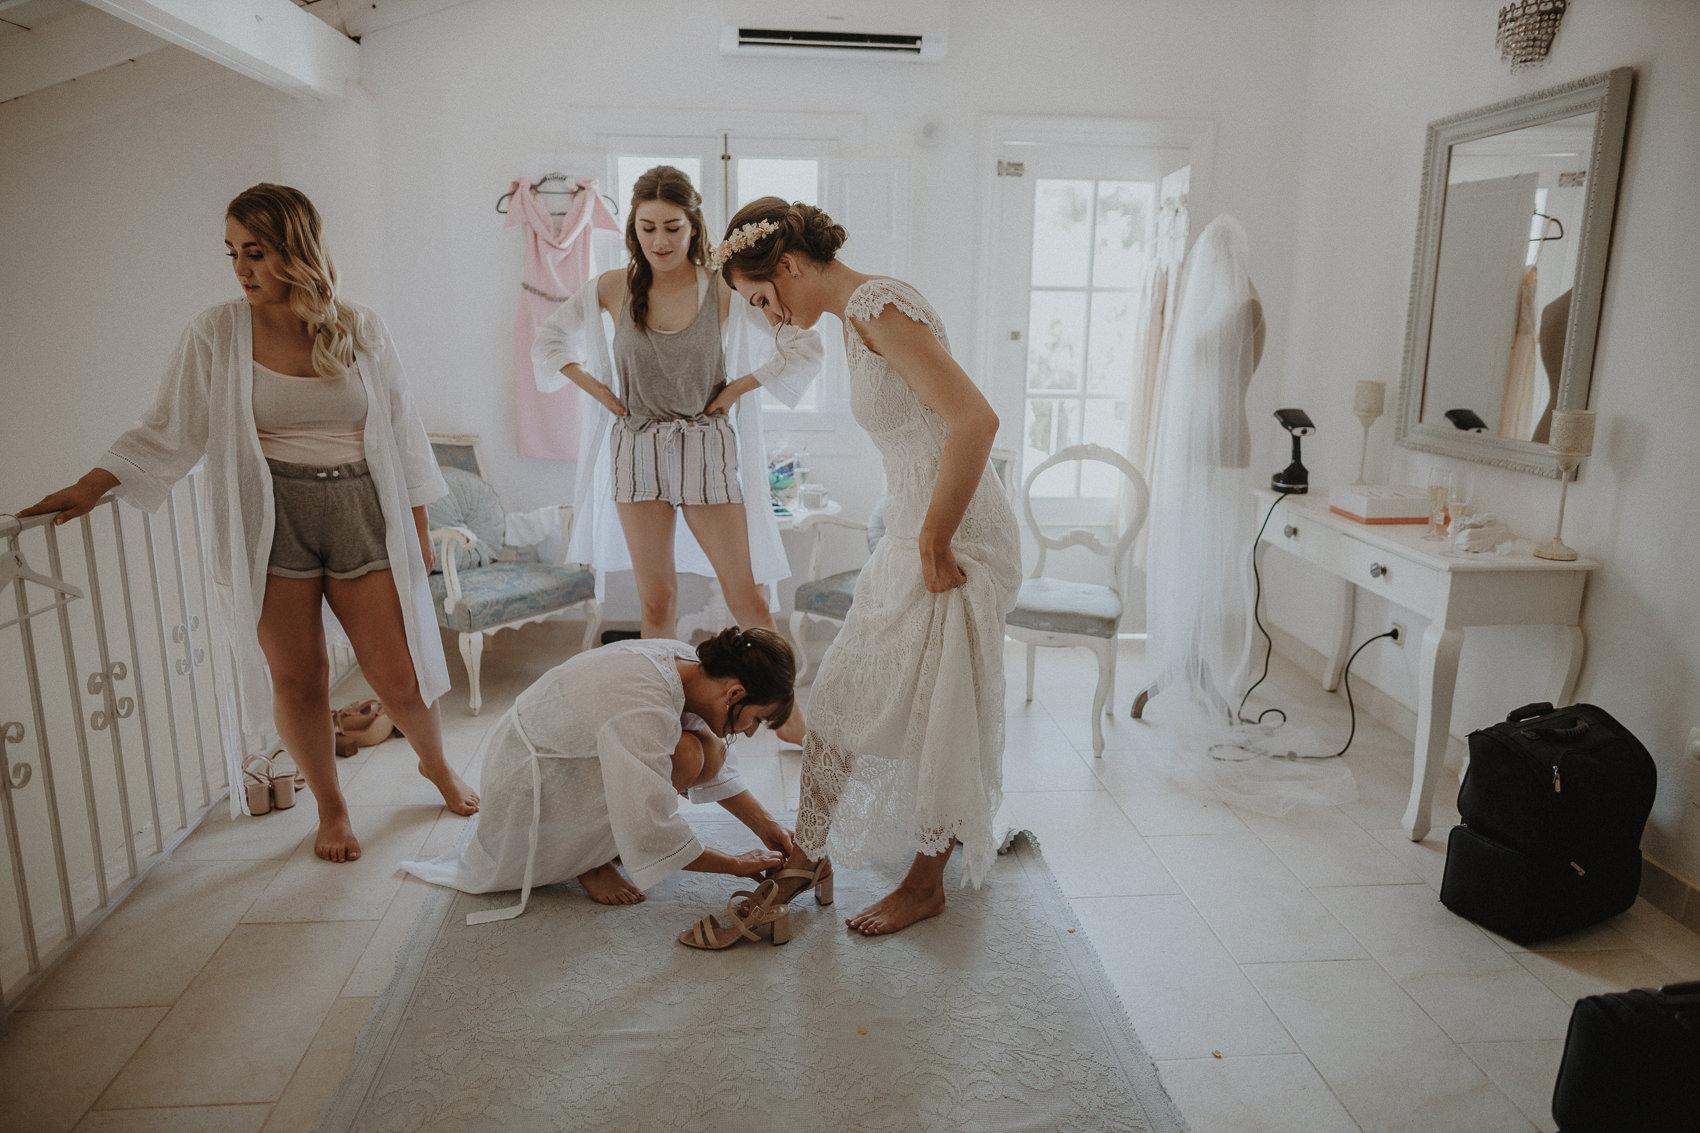 Sarah & Bill | Summer wedding at Cortijo Rosa Blanca | Marbella - Spain 48